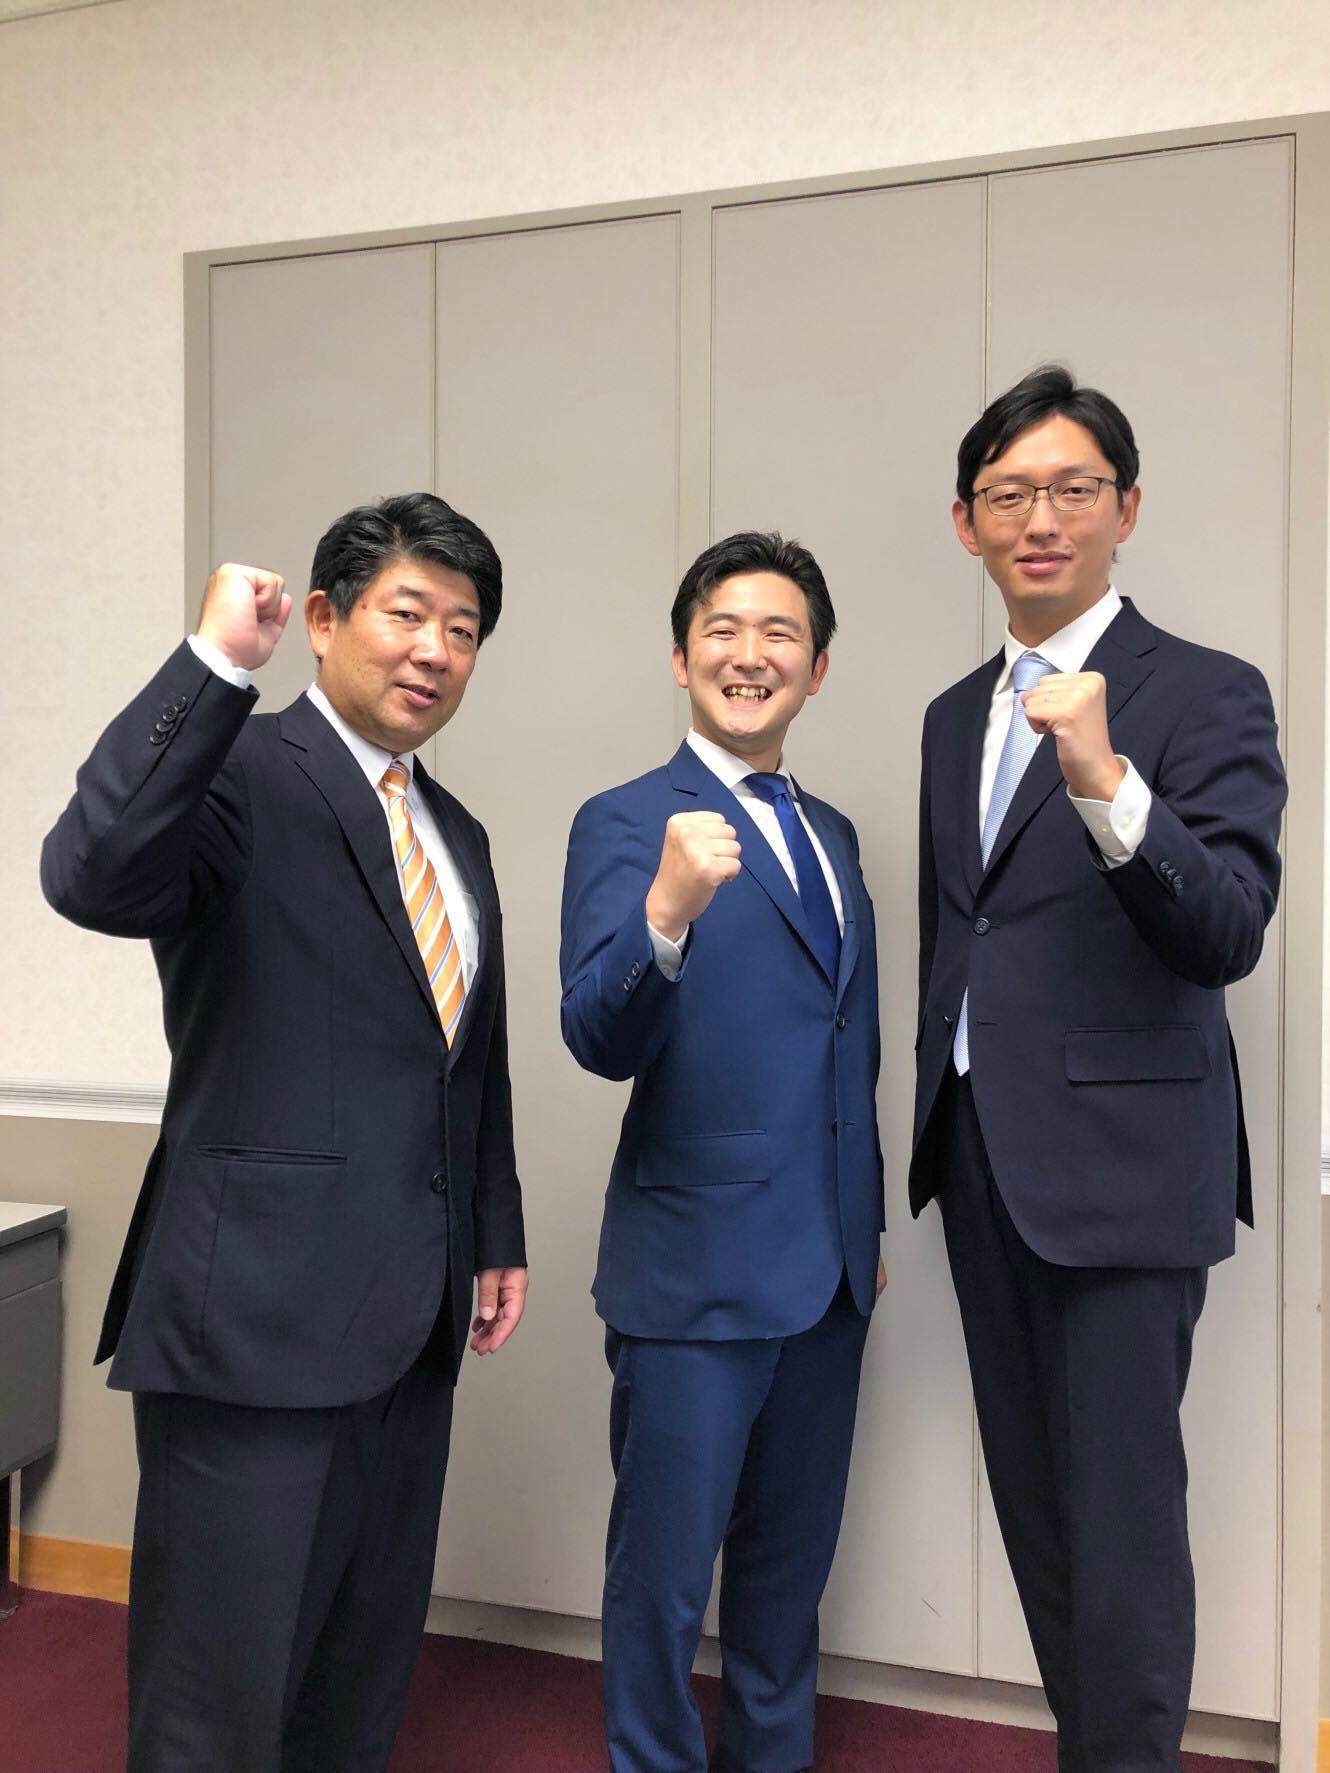 しもの六太さん(福岡)と高橋みつおさん(兵庫)